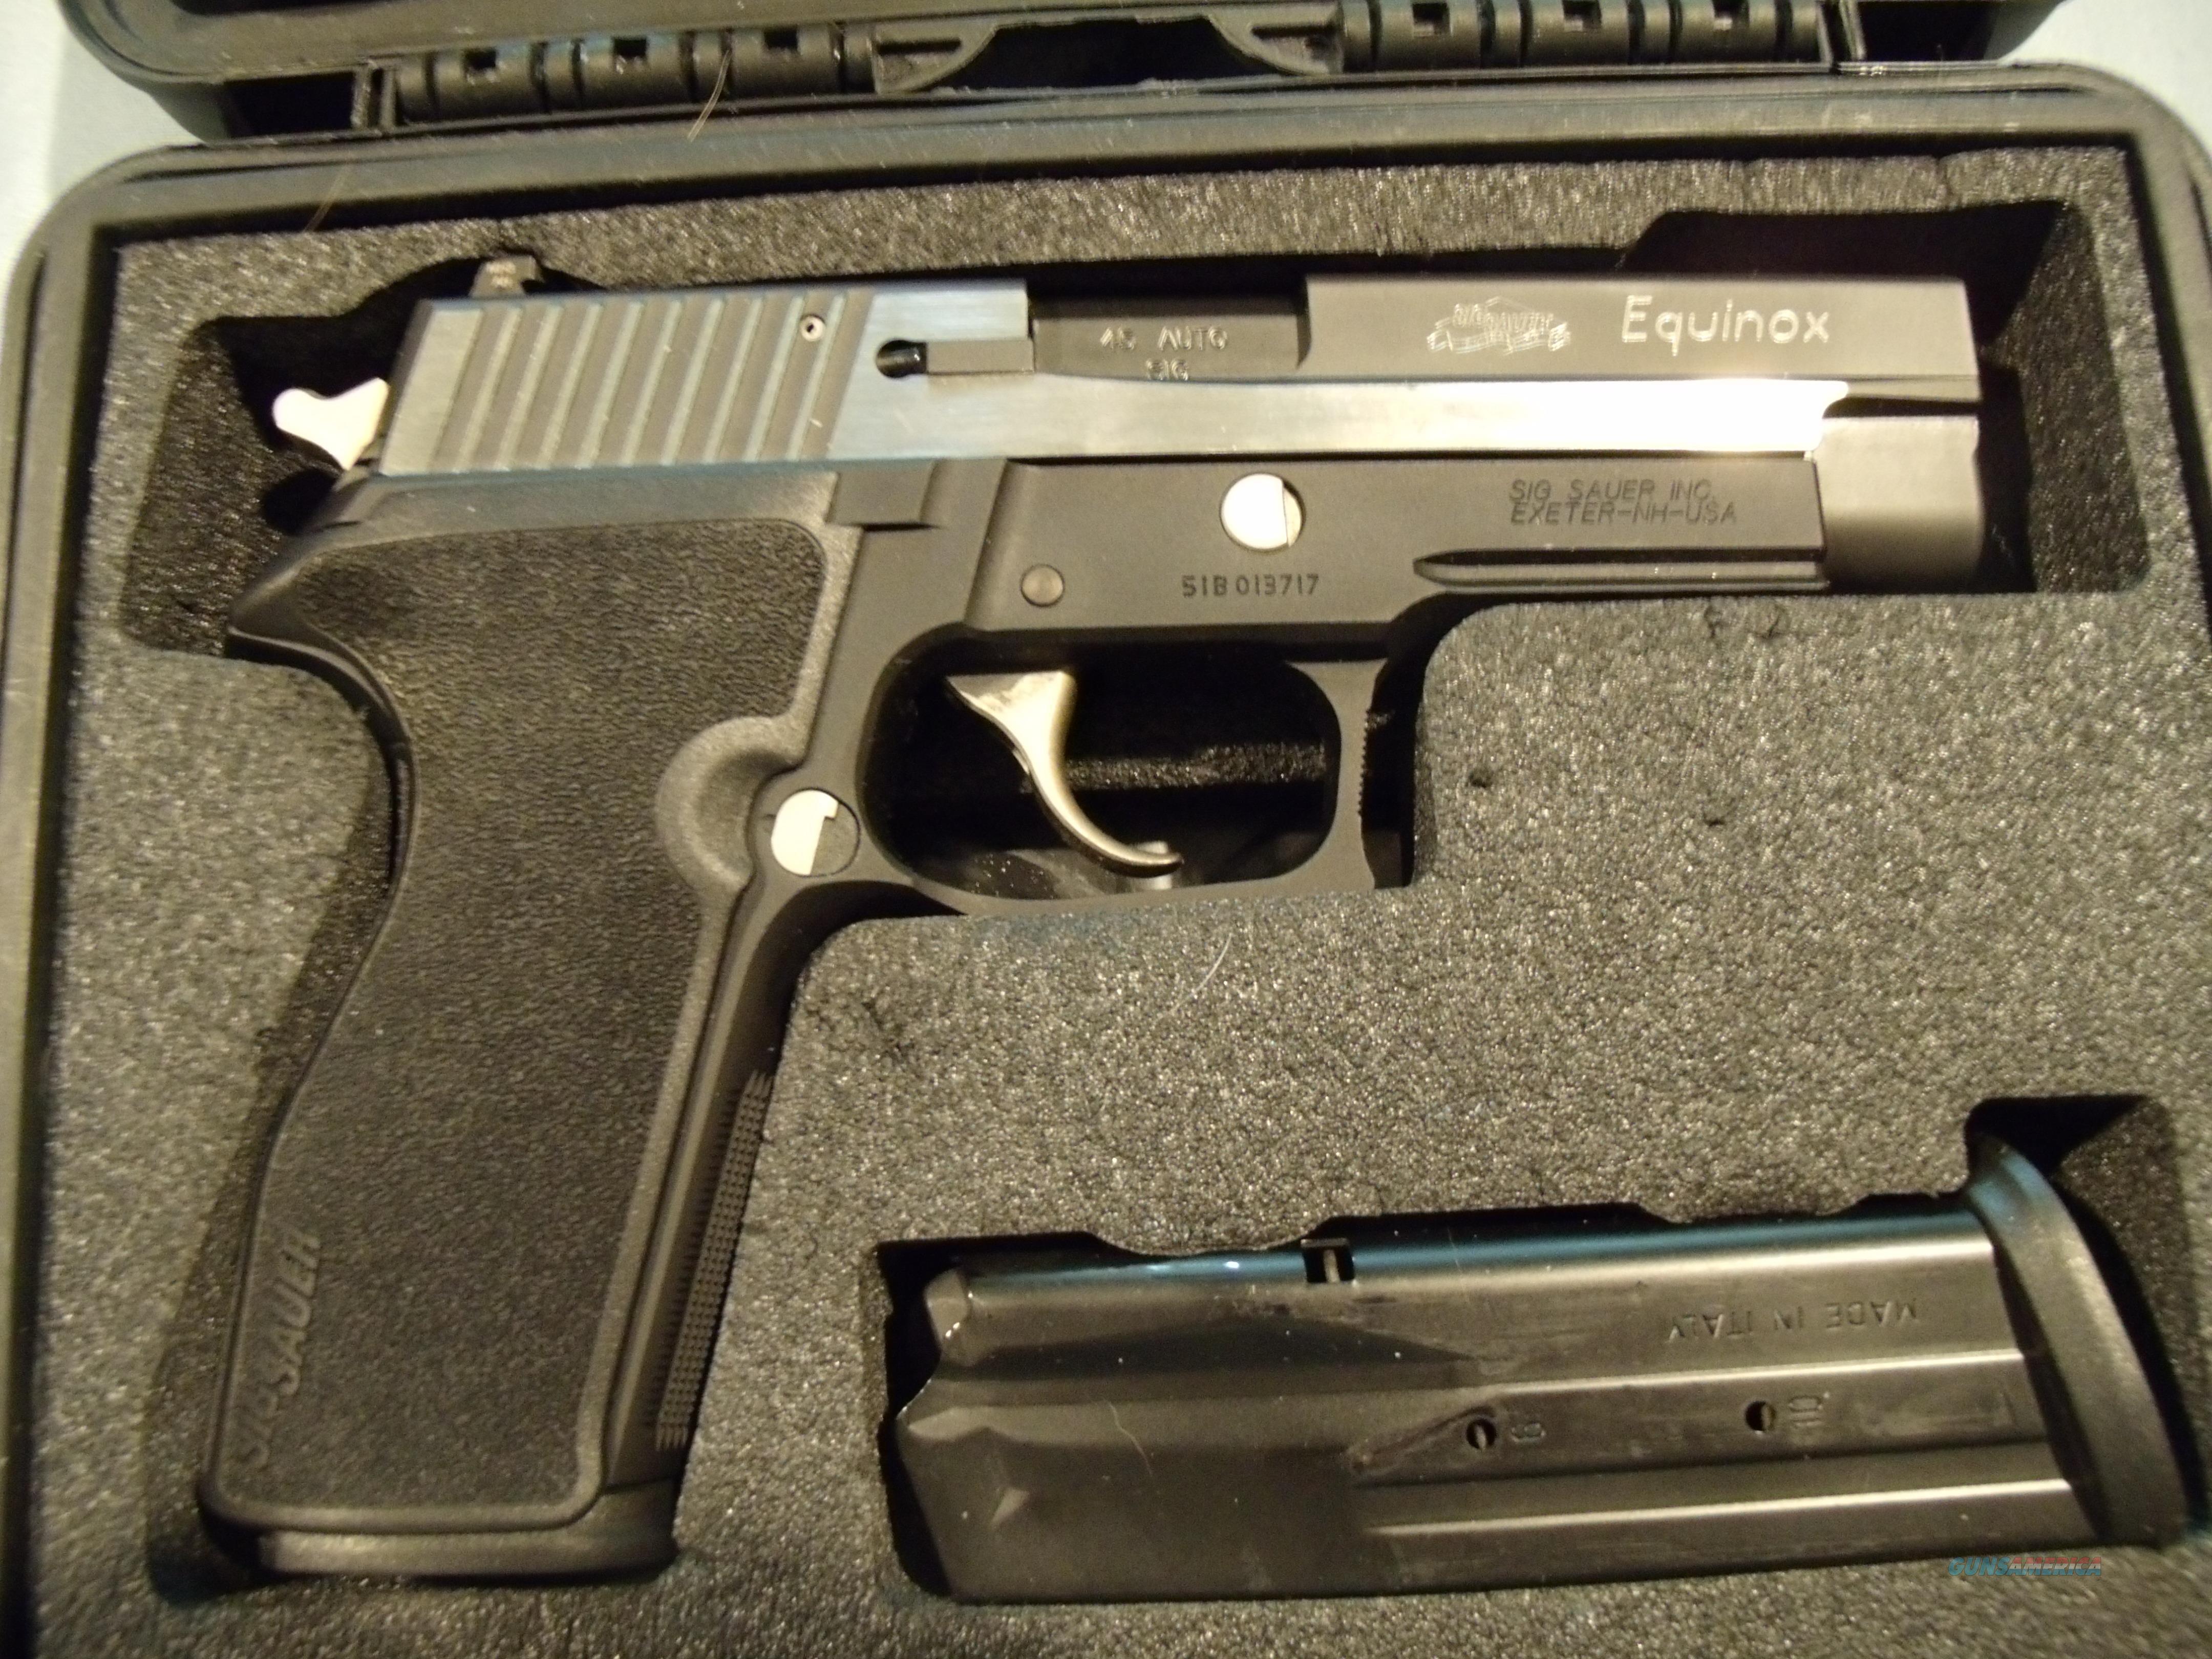 SIG SAUER P227 EQUINOX  .45 ACP  Guns > Pistols > Sig - Sauer/Sigarms Pistols > P227